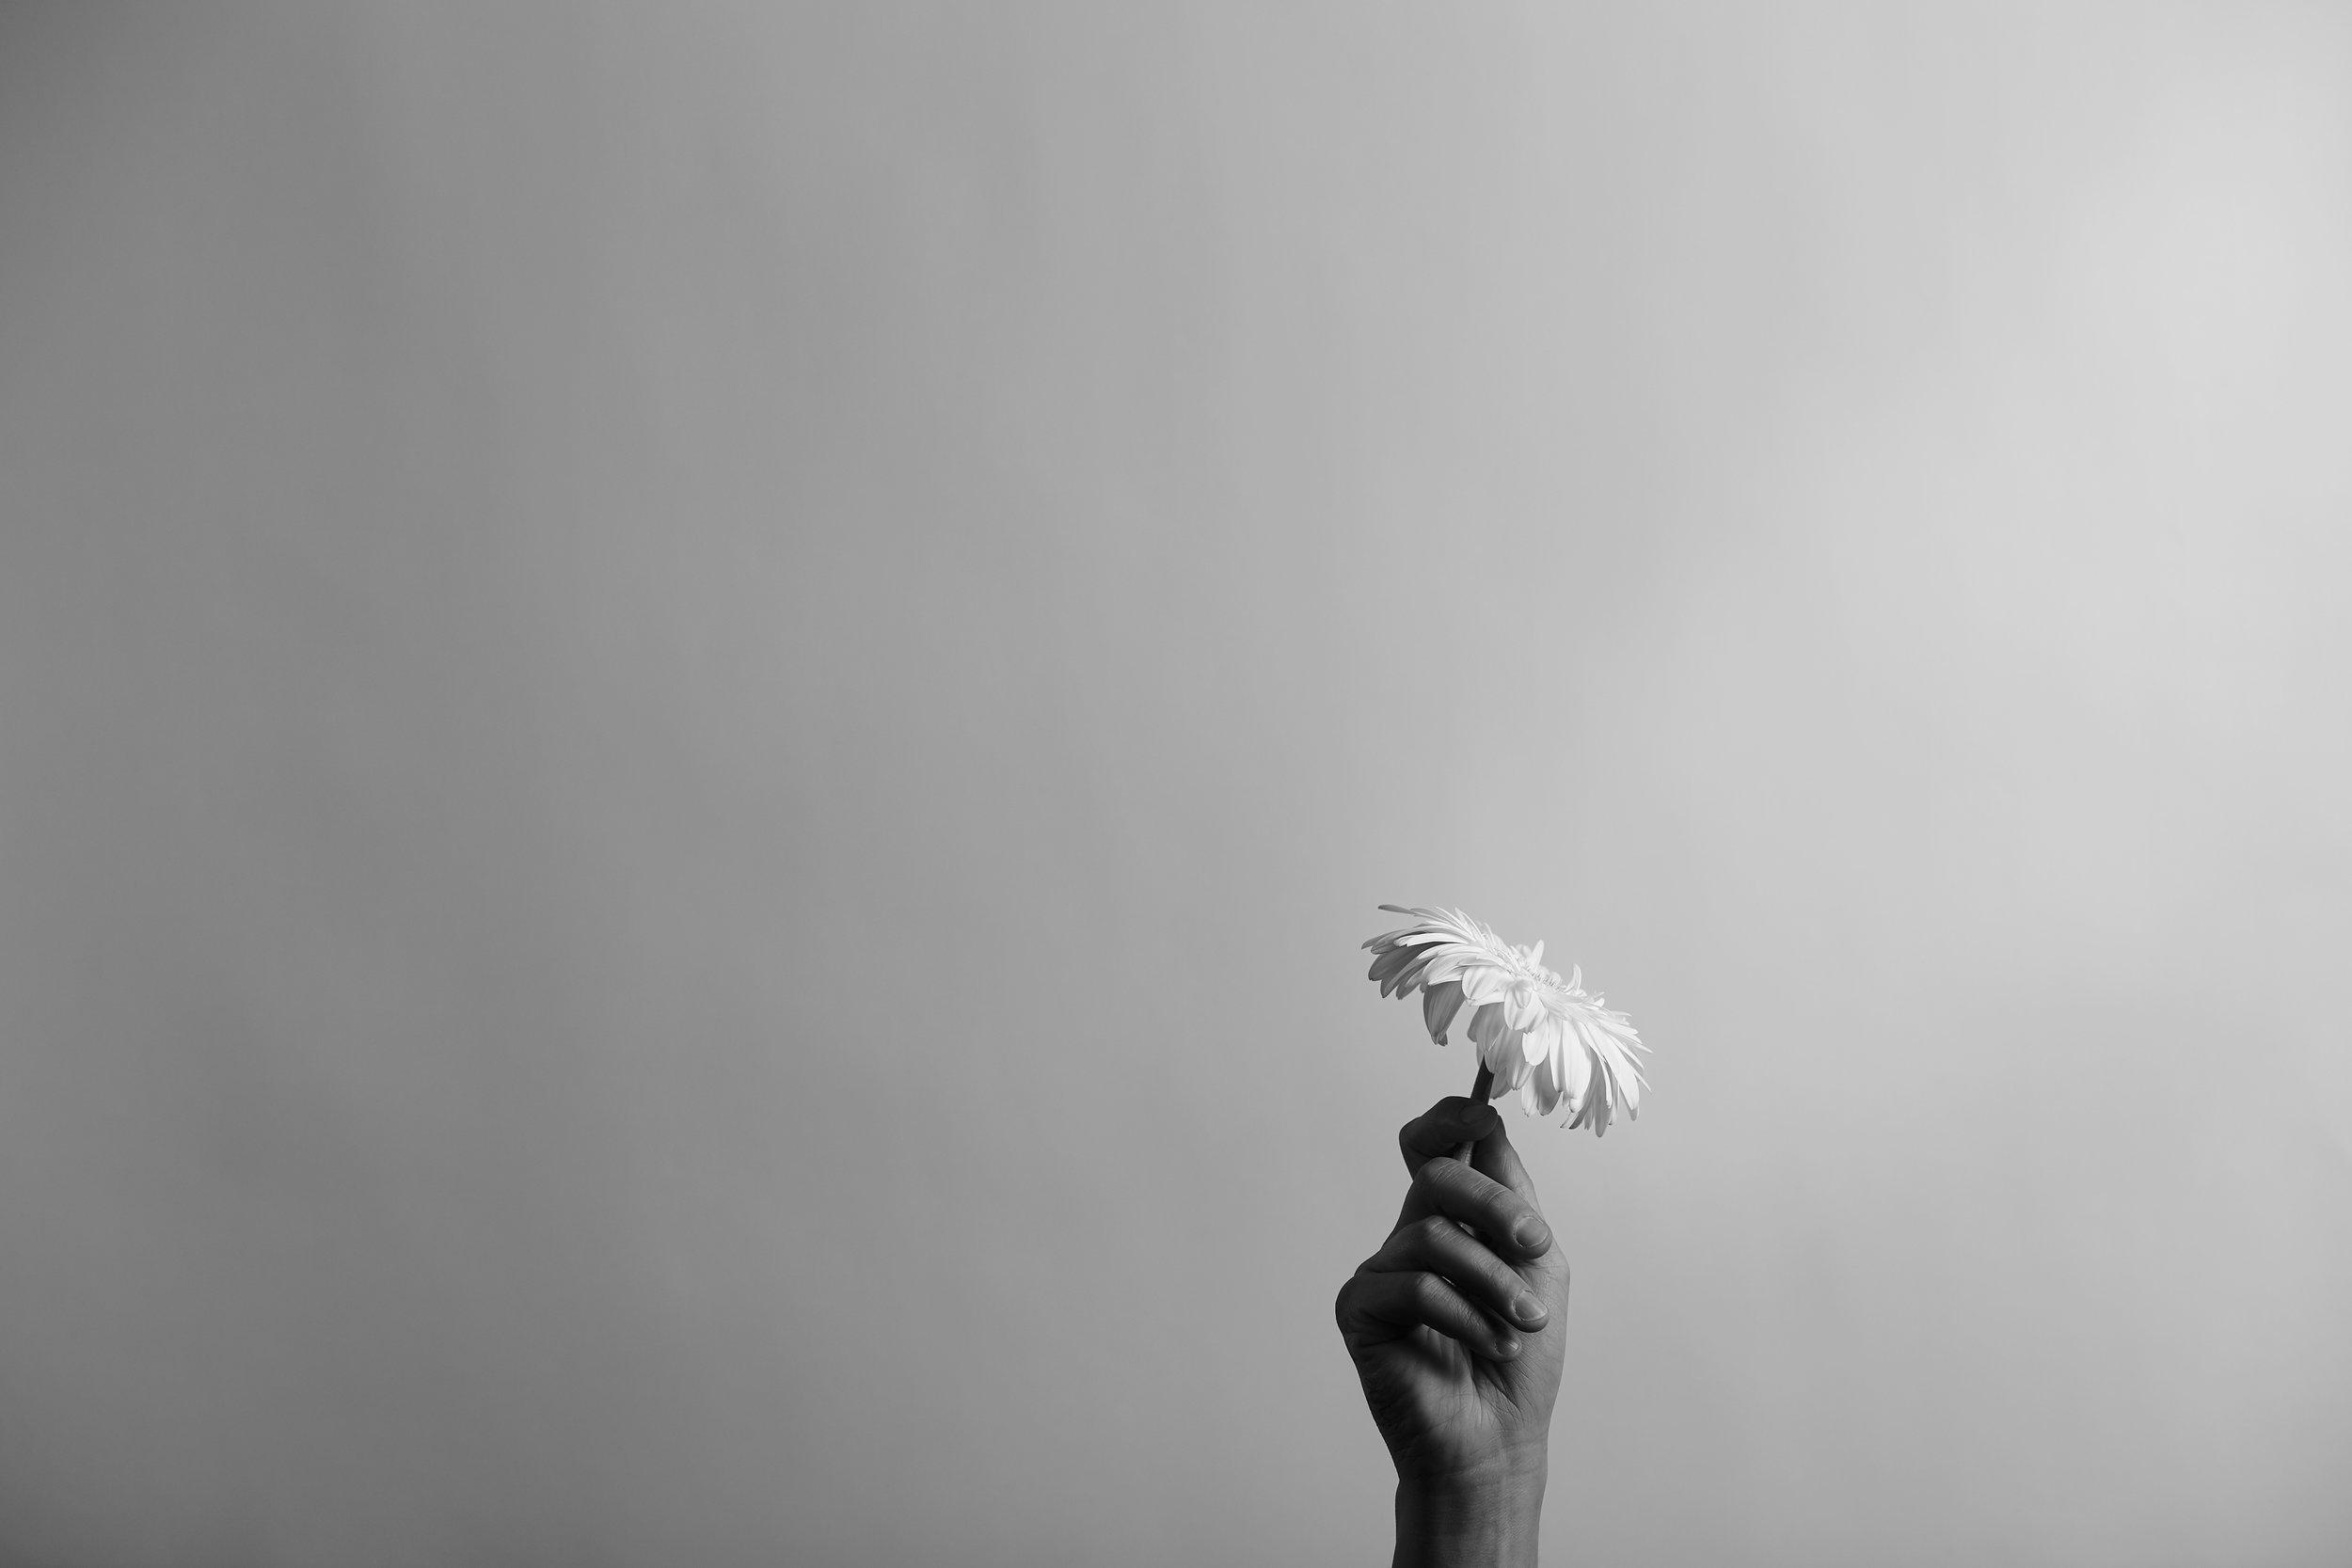 danielle-saler-photography-growth-0877-1.jpg